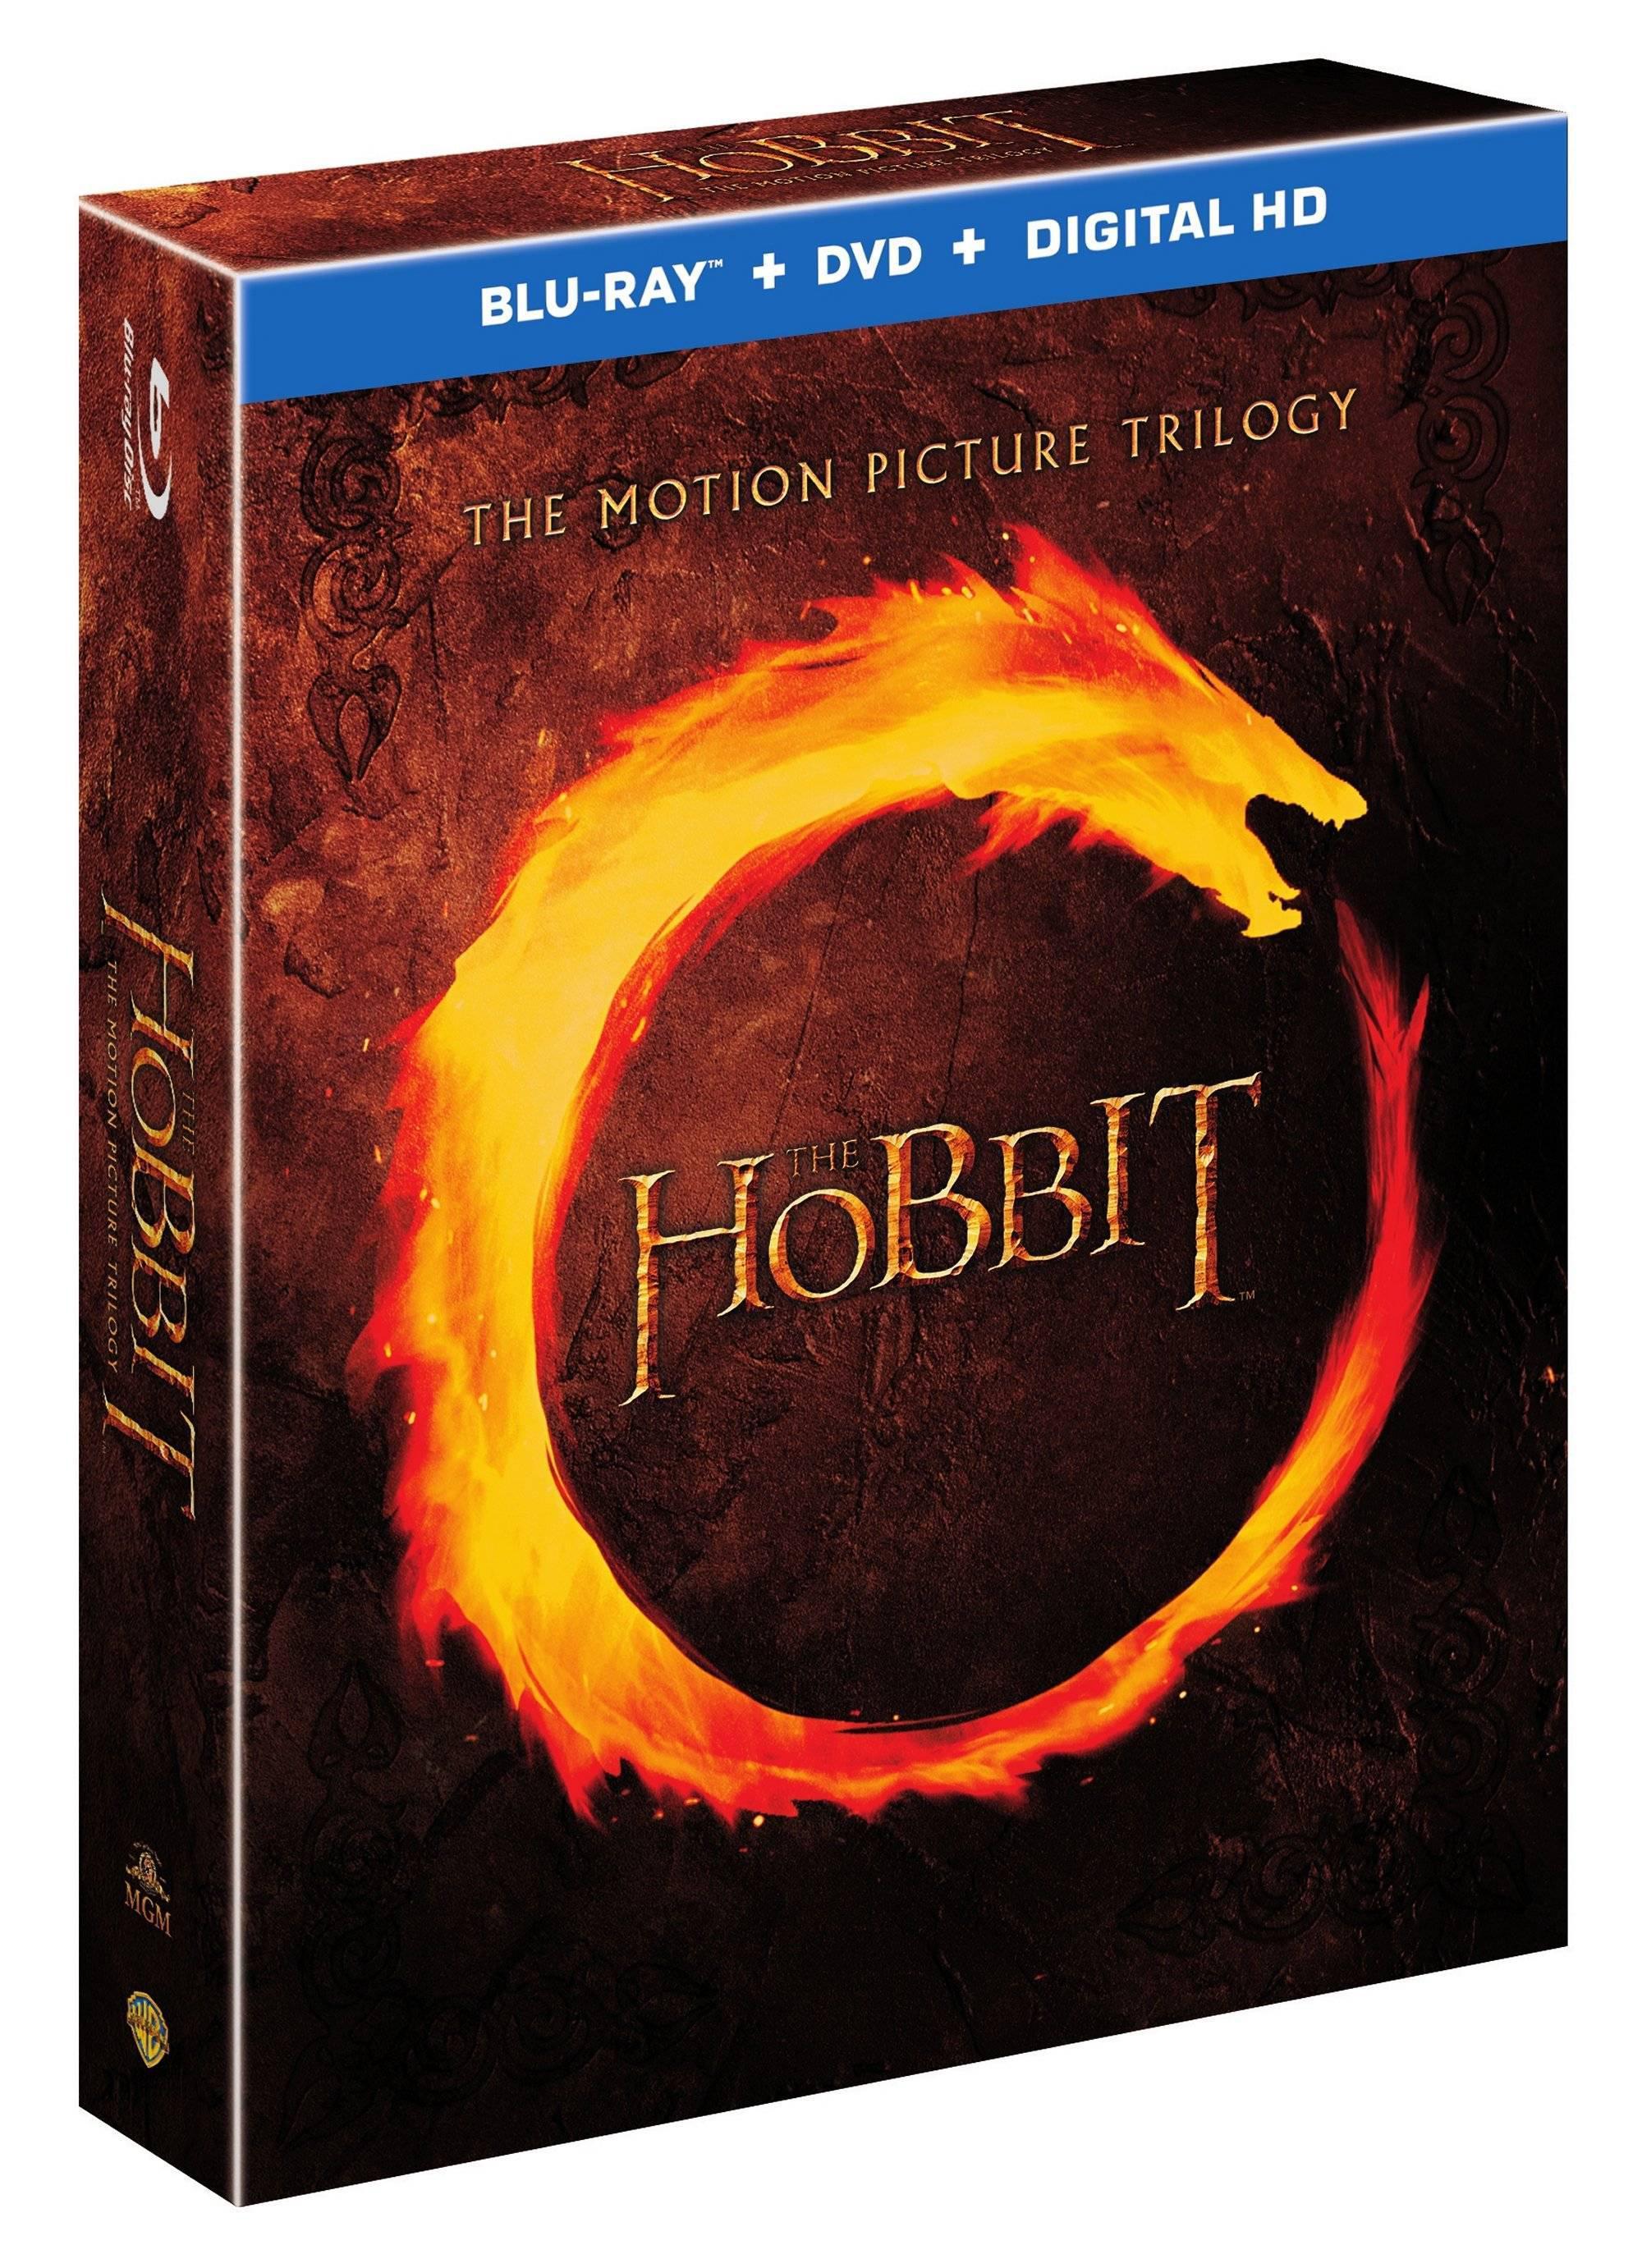 Coffret Blu-ray 3D Le Hobbit - La Trilogie